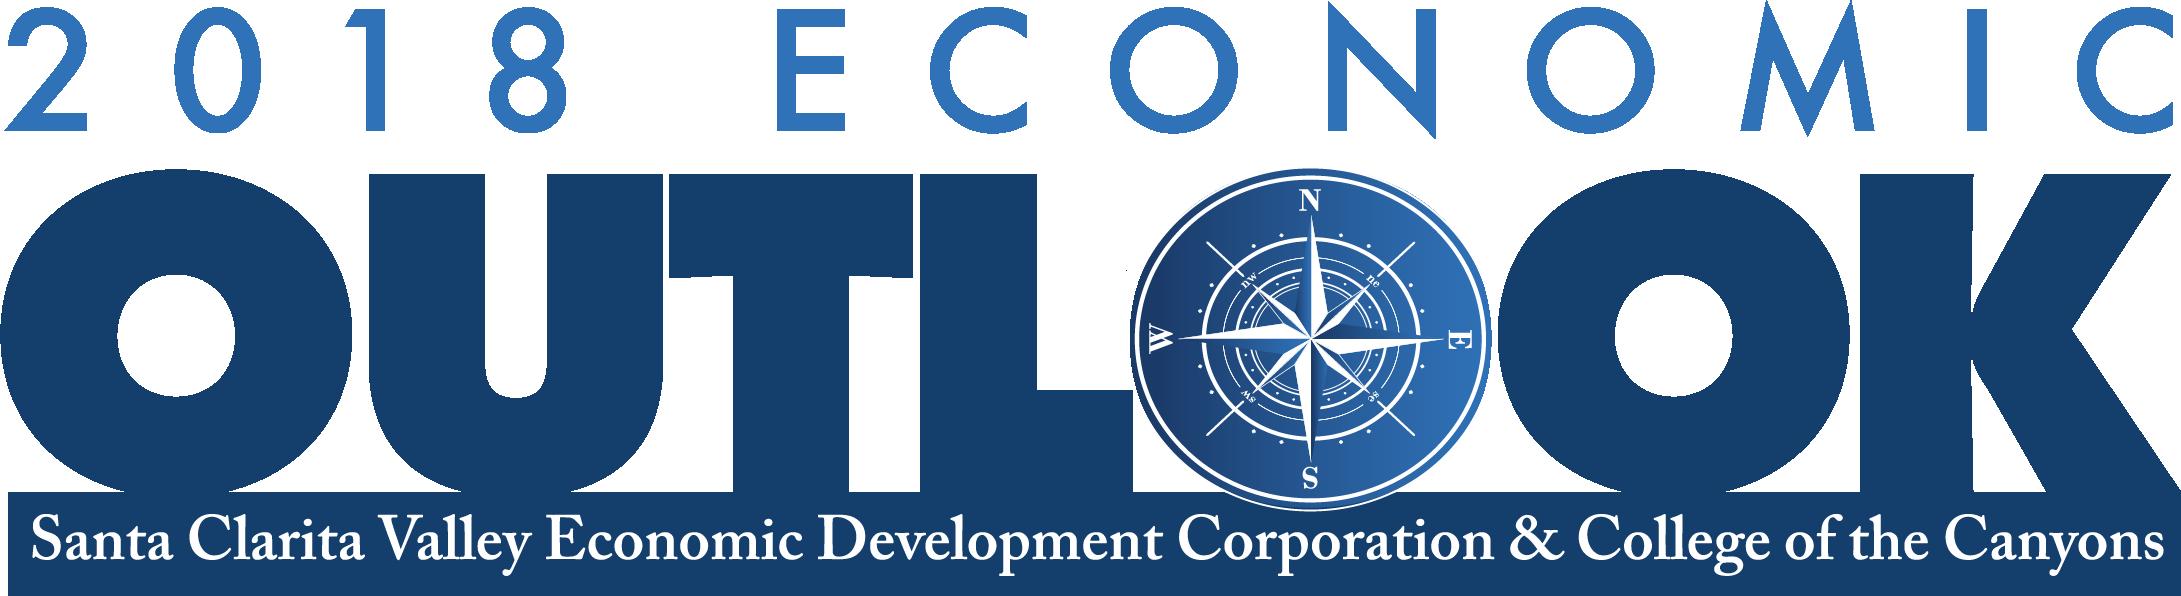 SCV_ECONOutlook_logo2018_ol.png